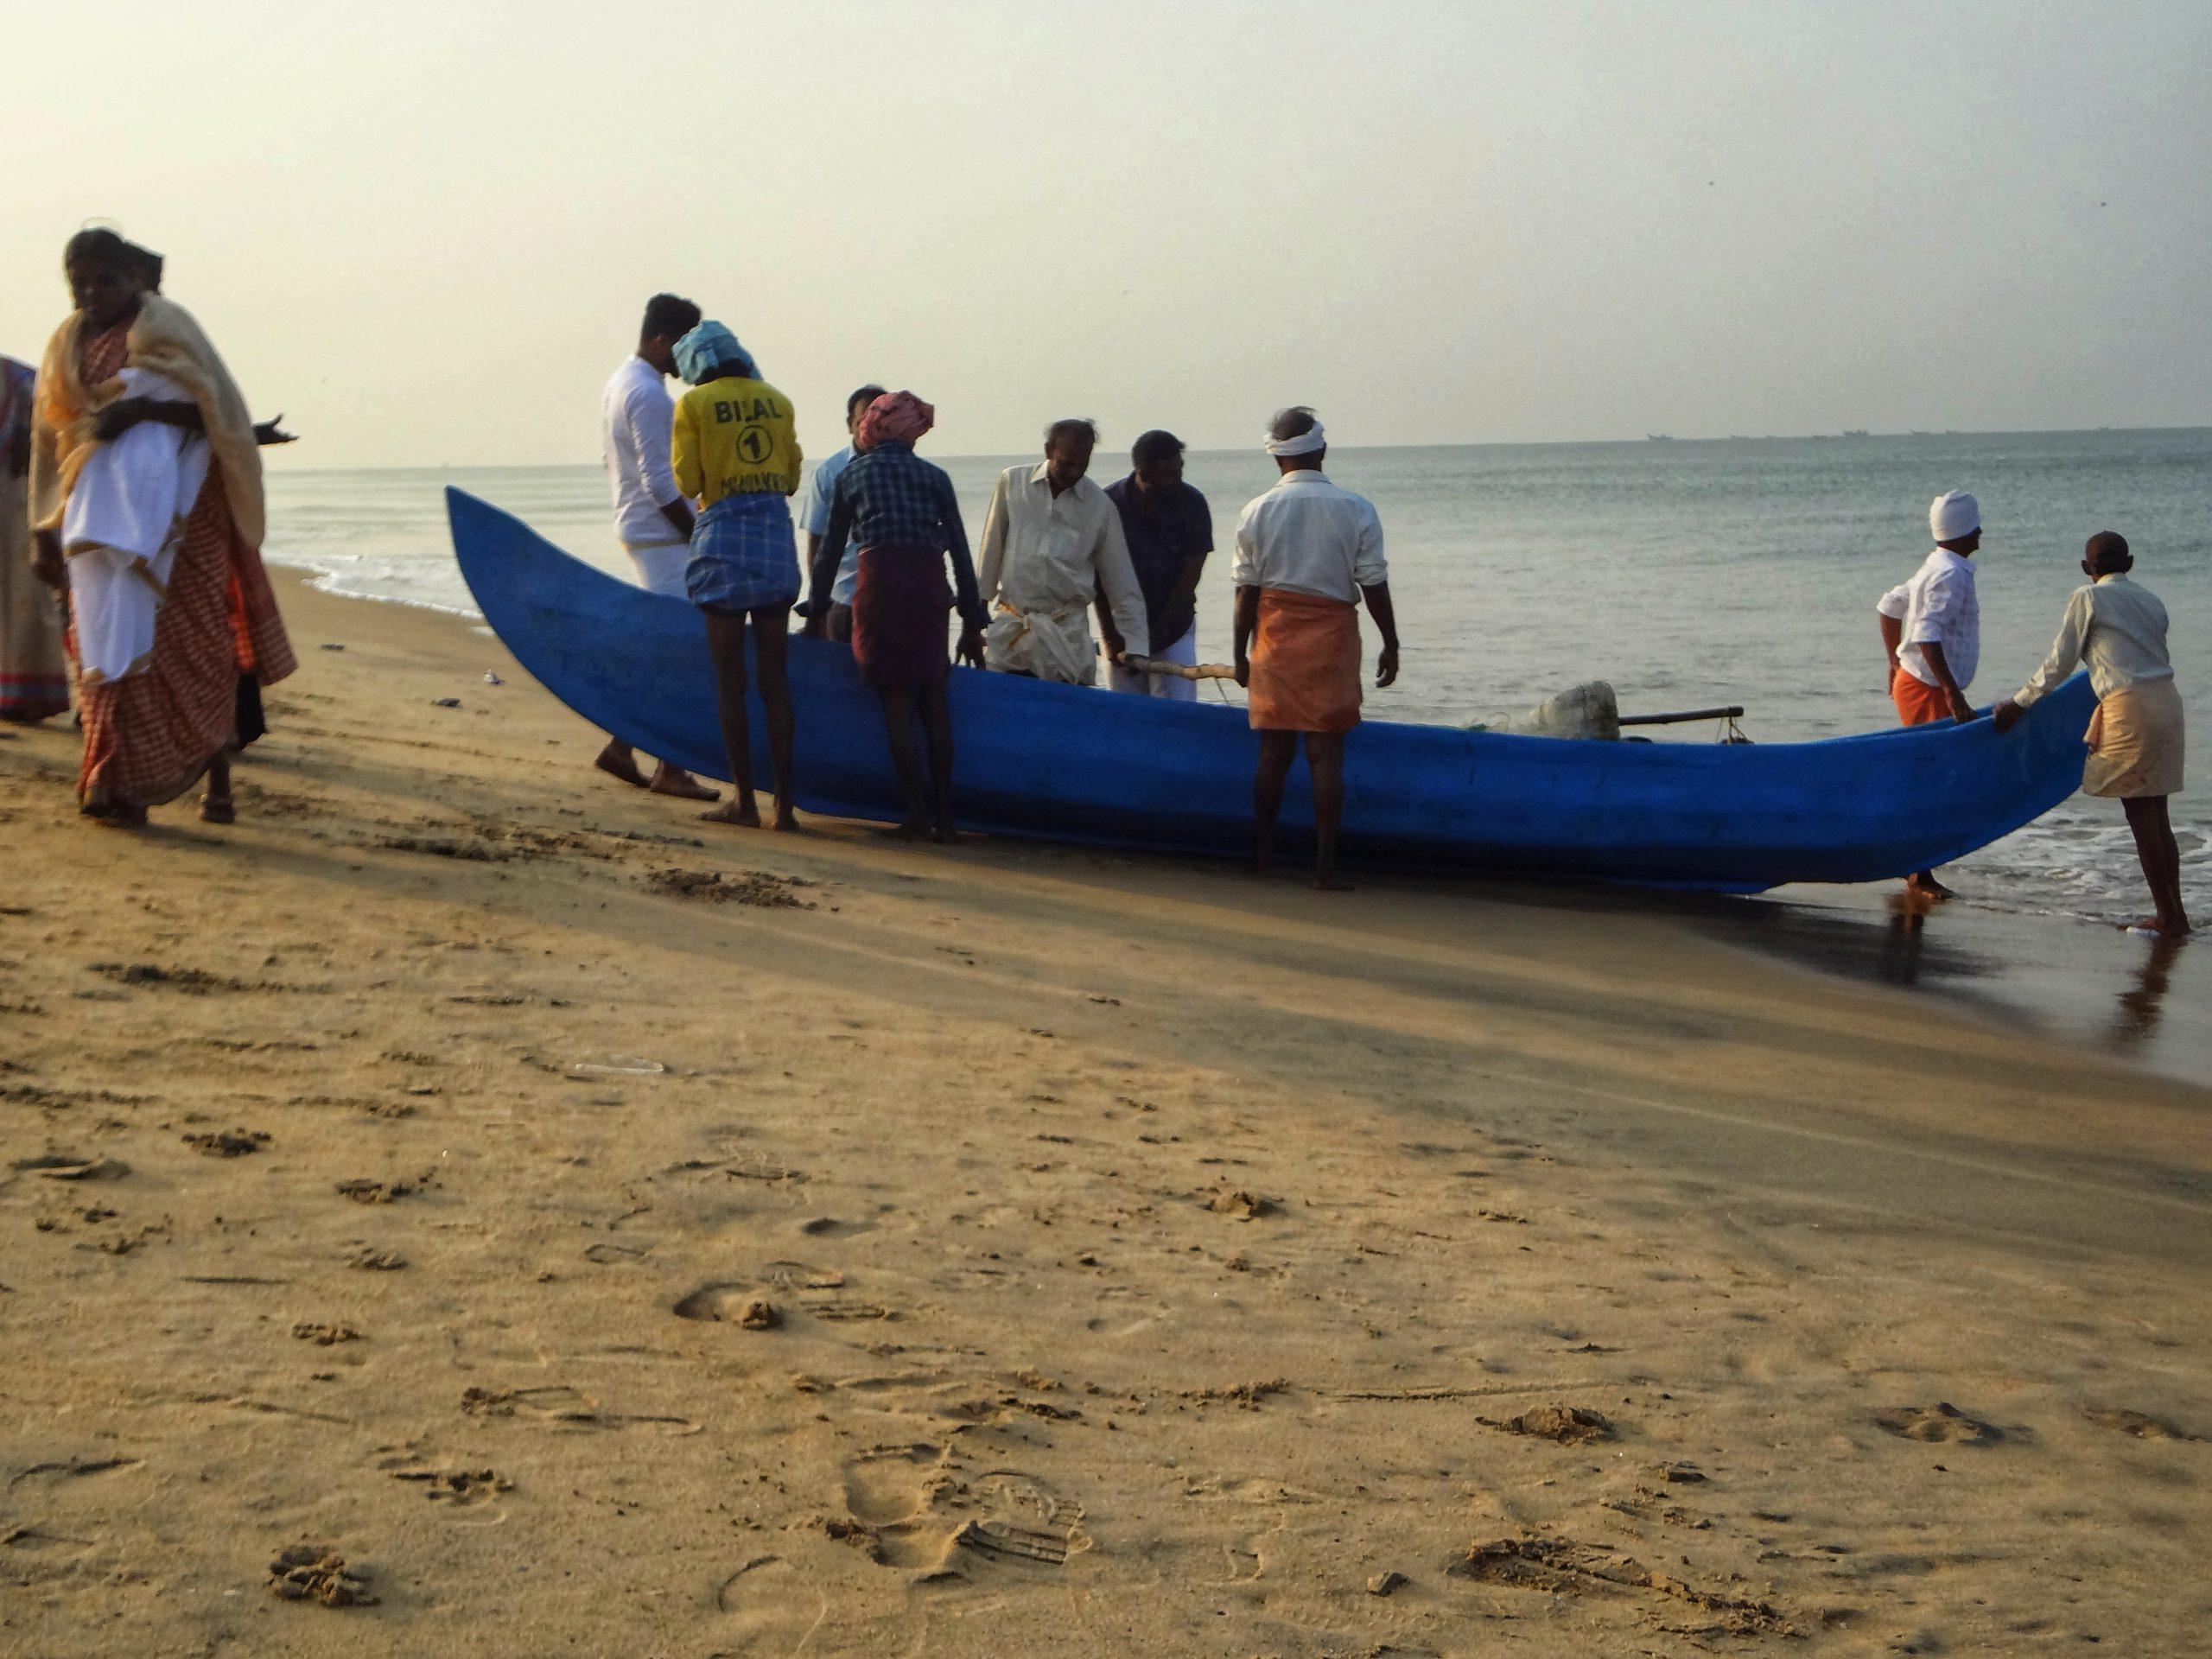 People near a boat